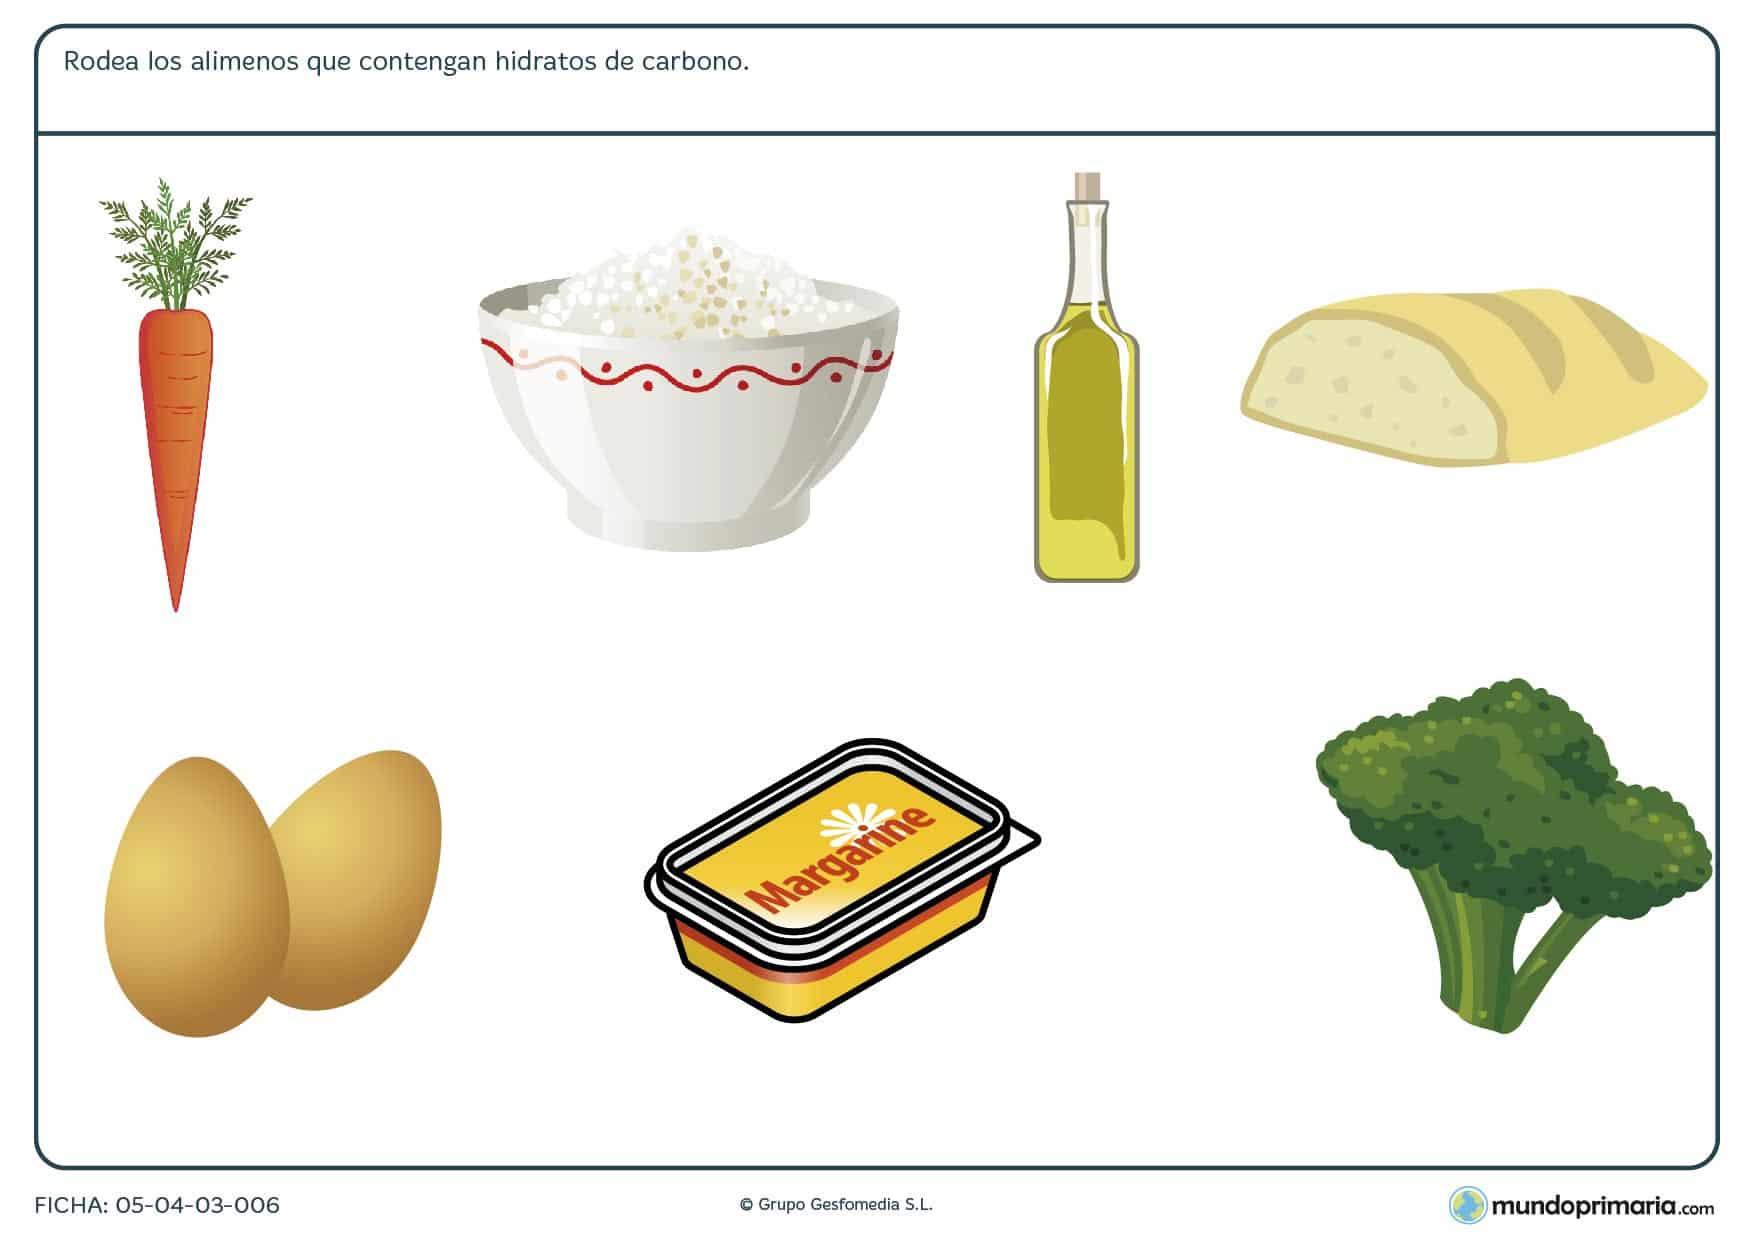 Ficha de los alimentos altos en hidratos de carbono en el que se tiene que rodear las ímagenes de los alimentos altos en hidratos de carbono.